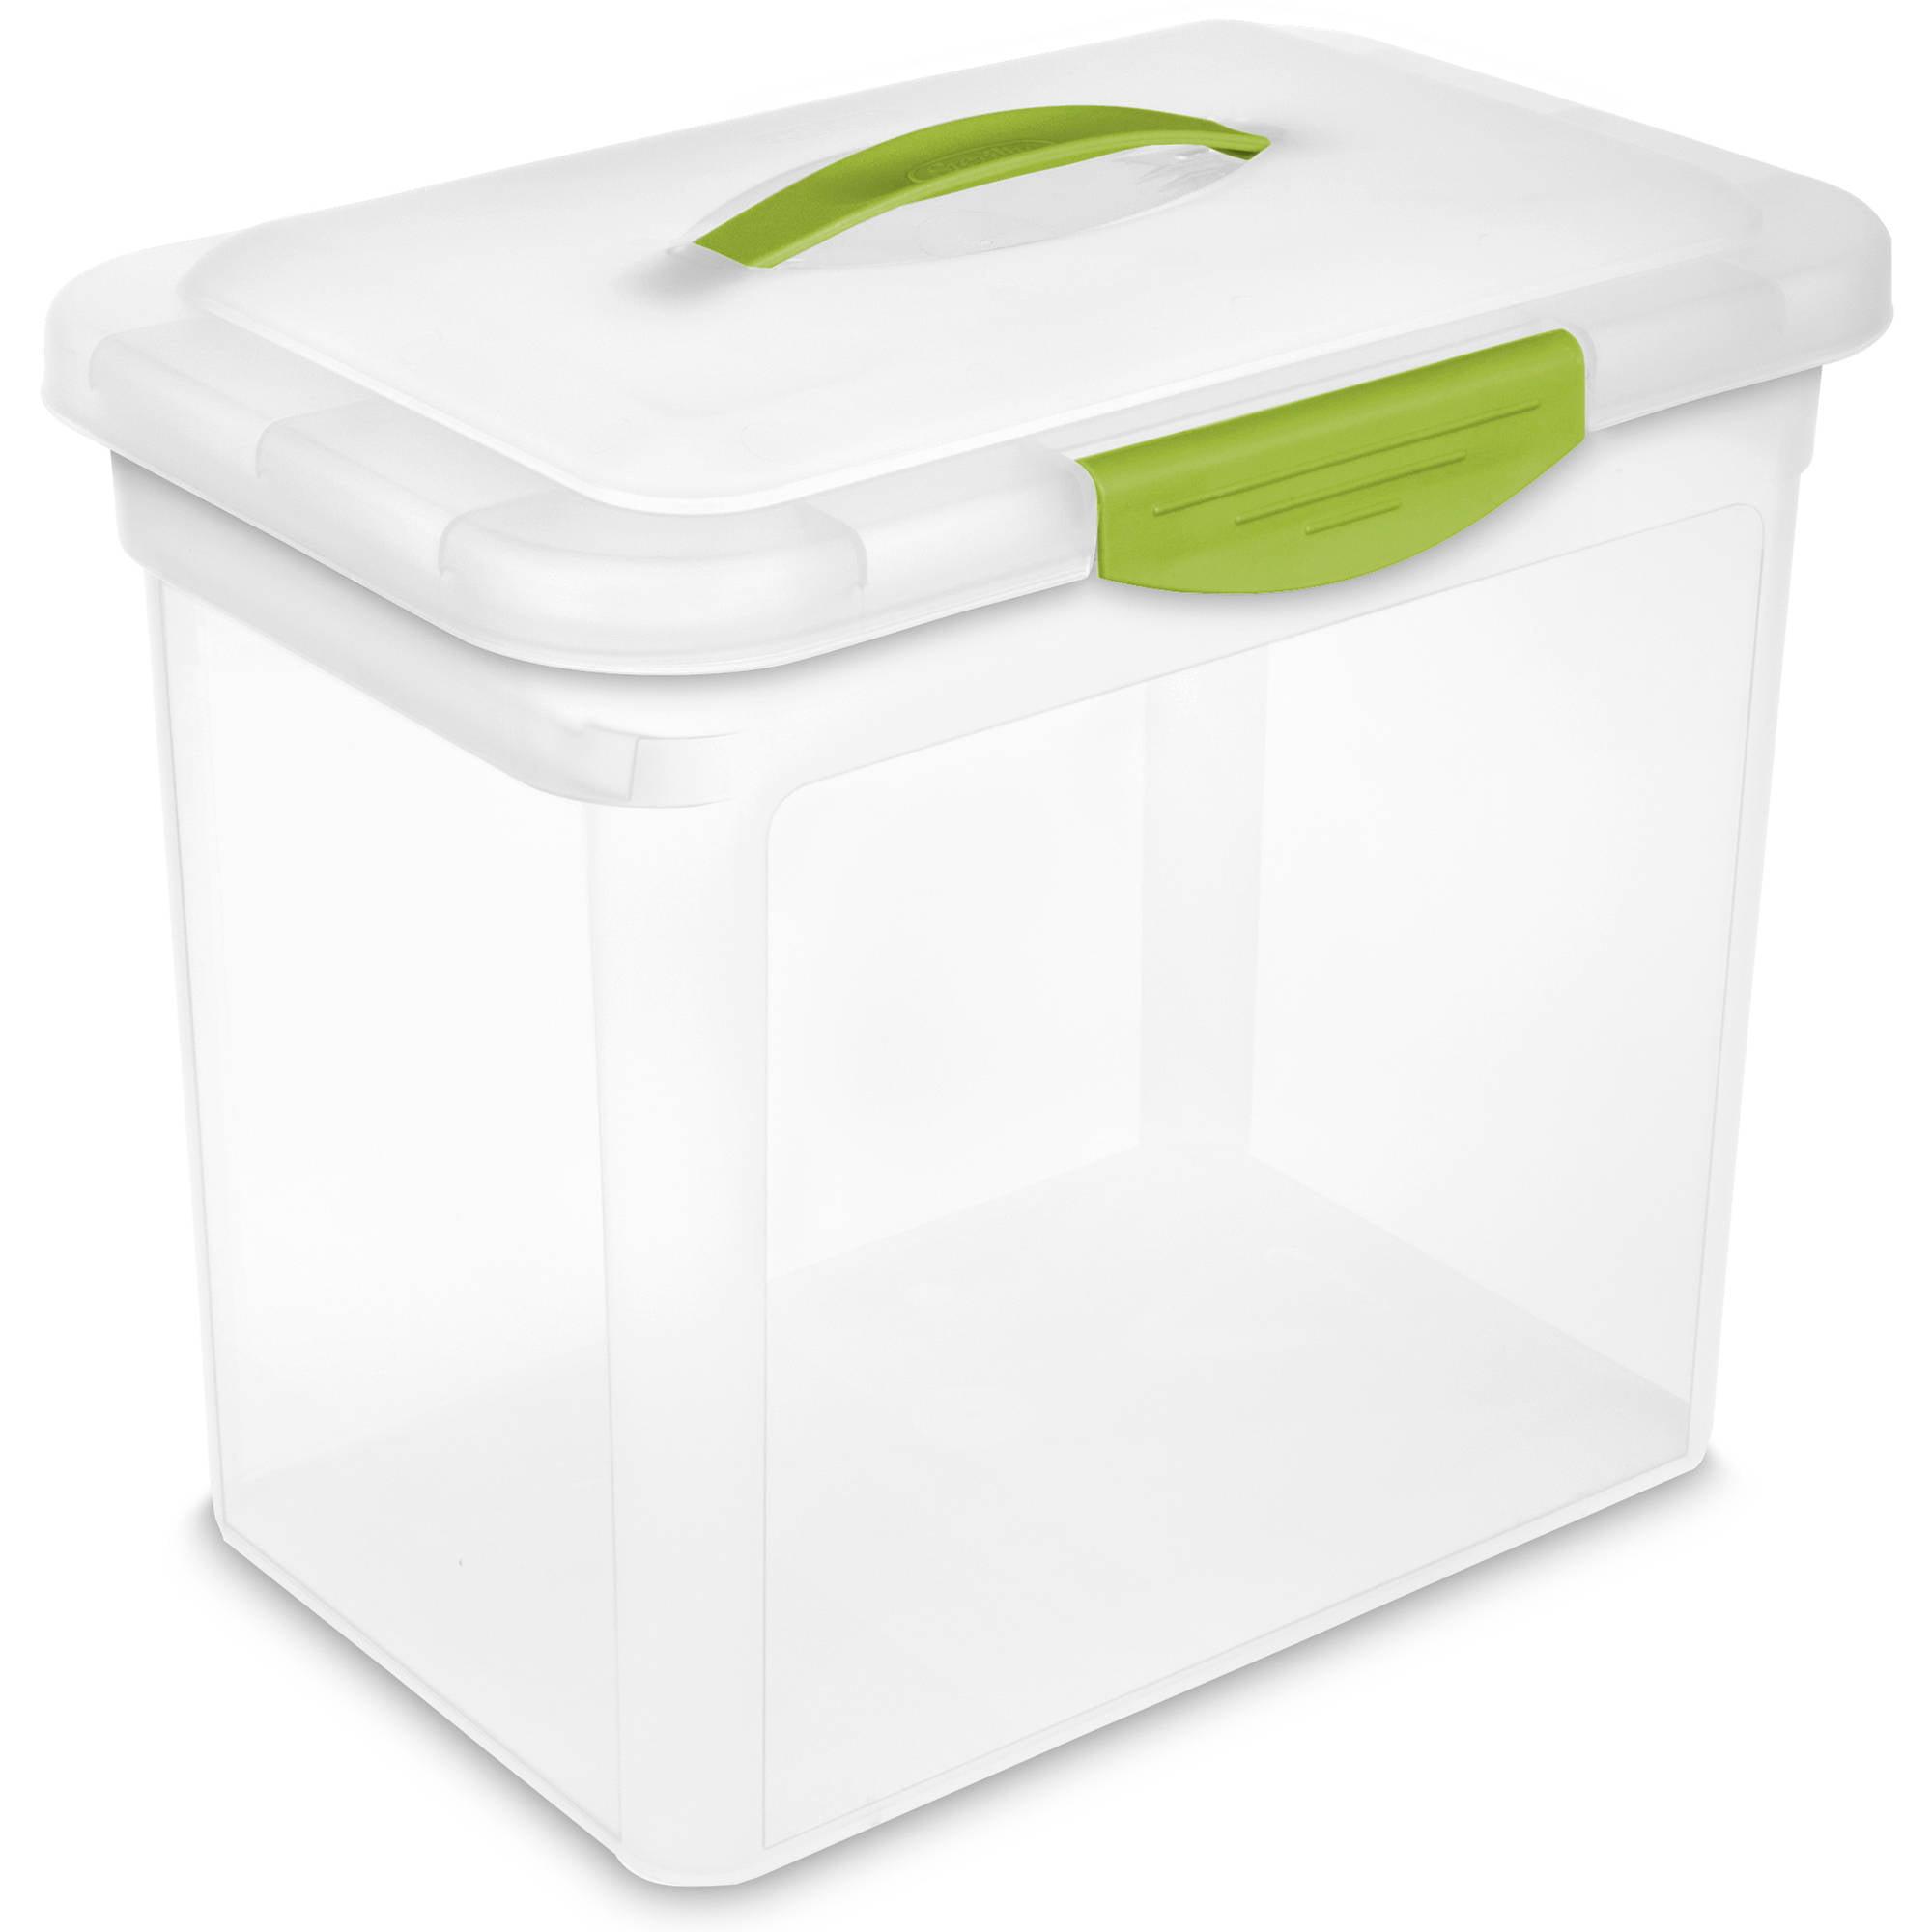 Sterilite 5.4 Quart ID Box- White, Set of 6 - Walmart.com